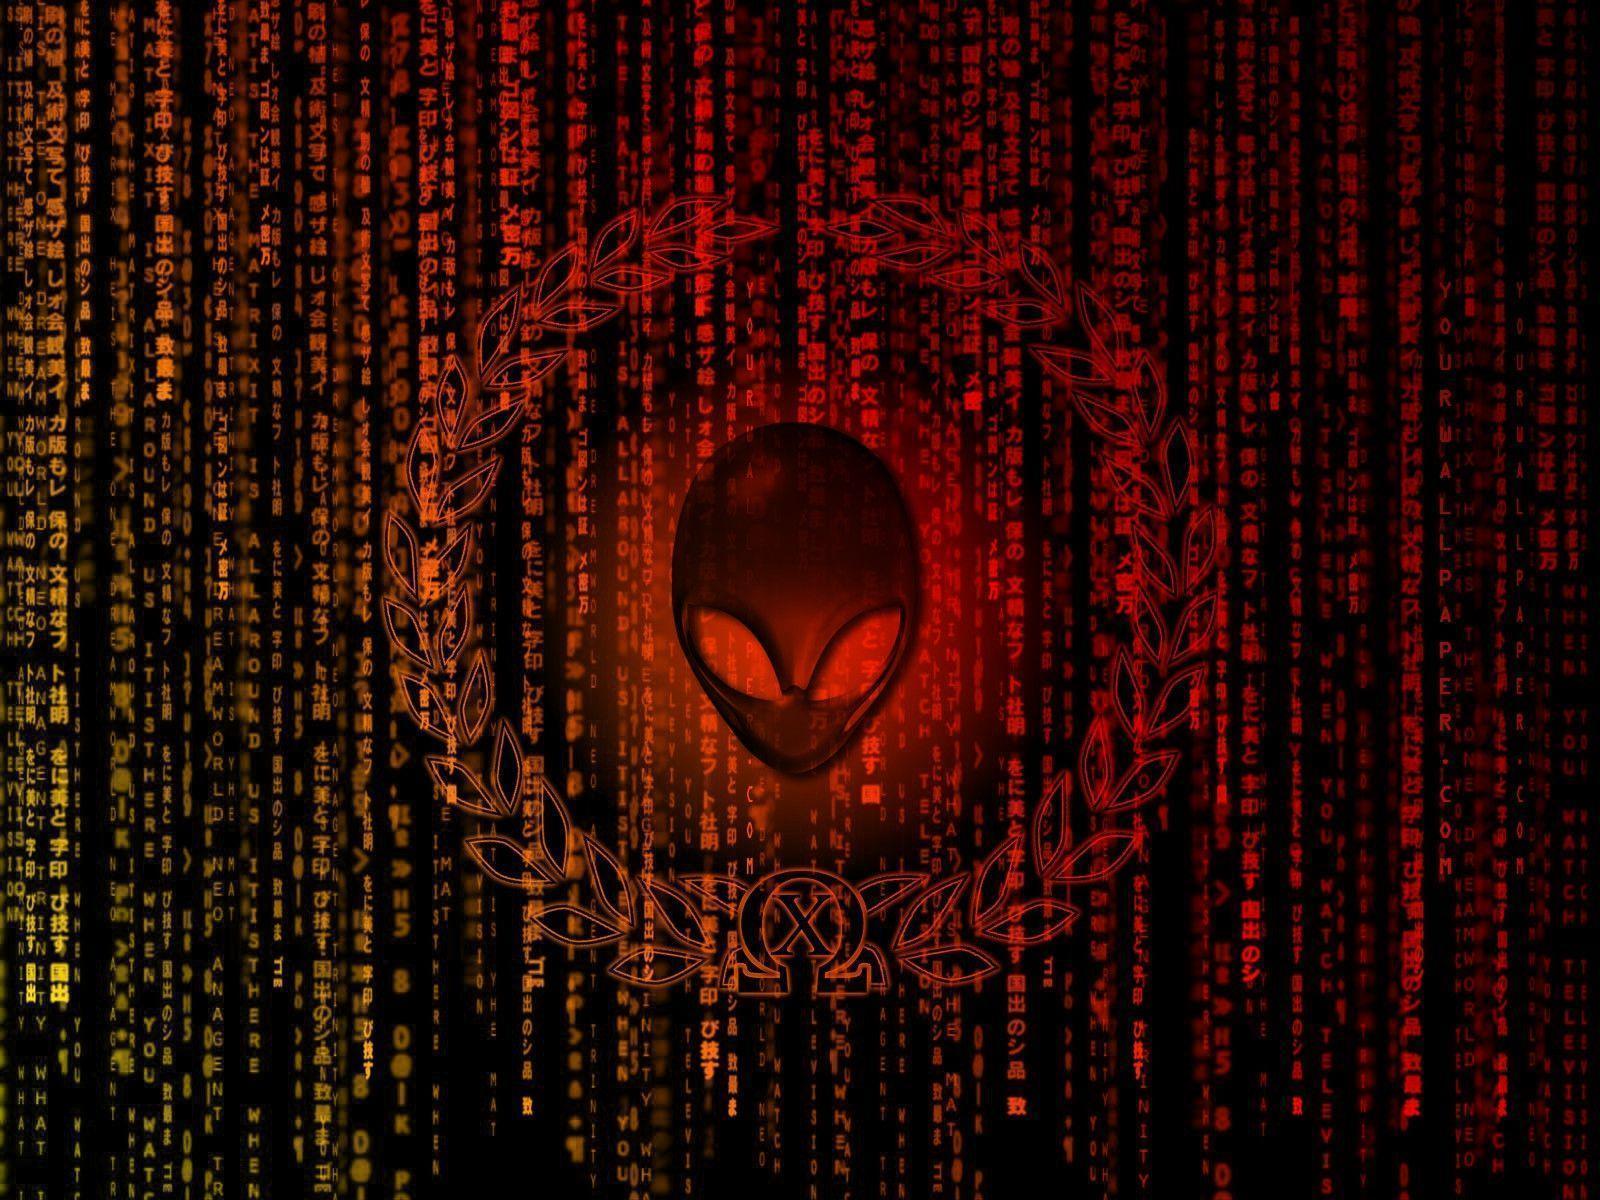 alienware desktop background red - photo #14